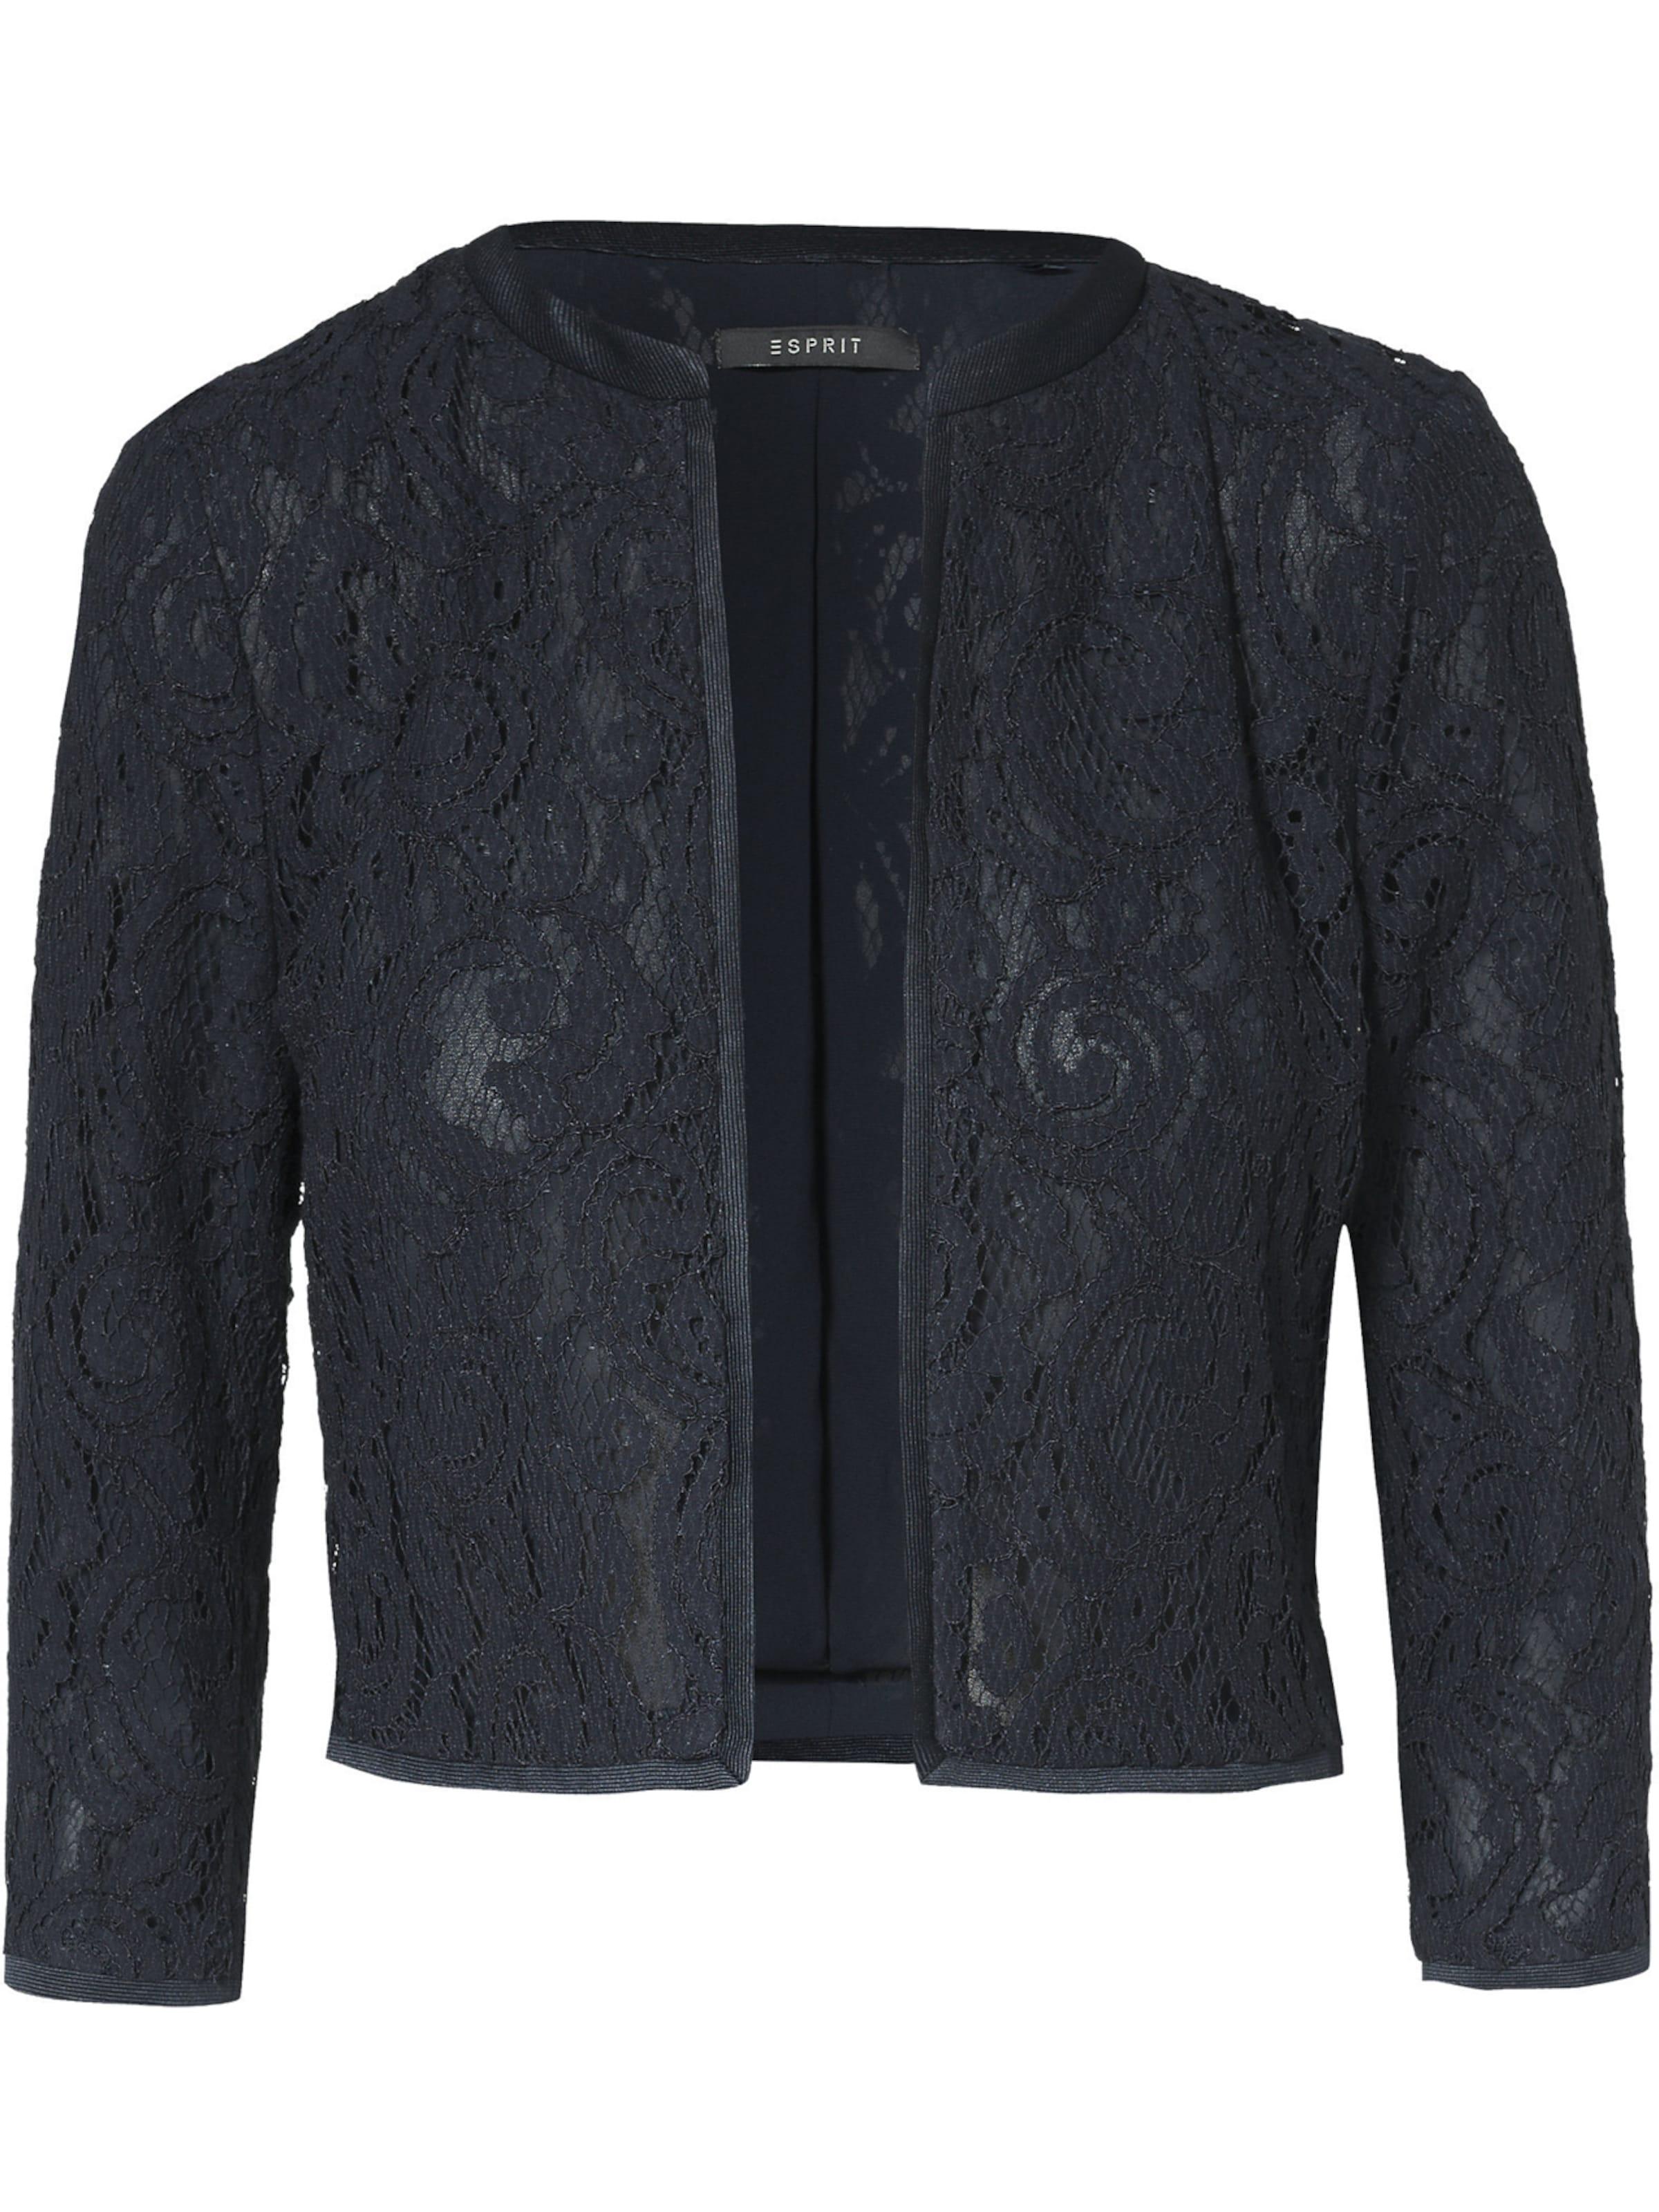 Billig Verkauf Am Besten Esprit Collection Kurzblazer Footlocker Finish Online xiysZr